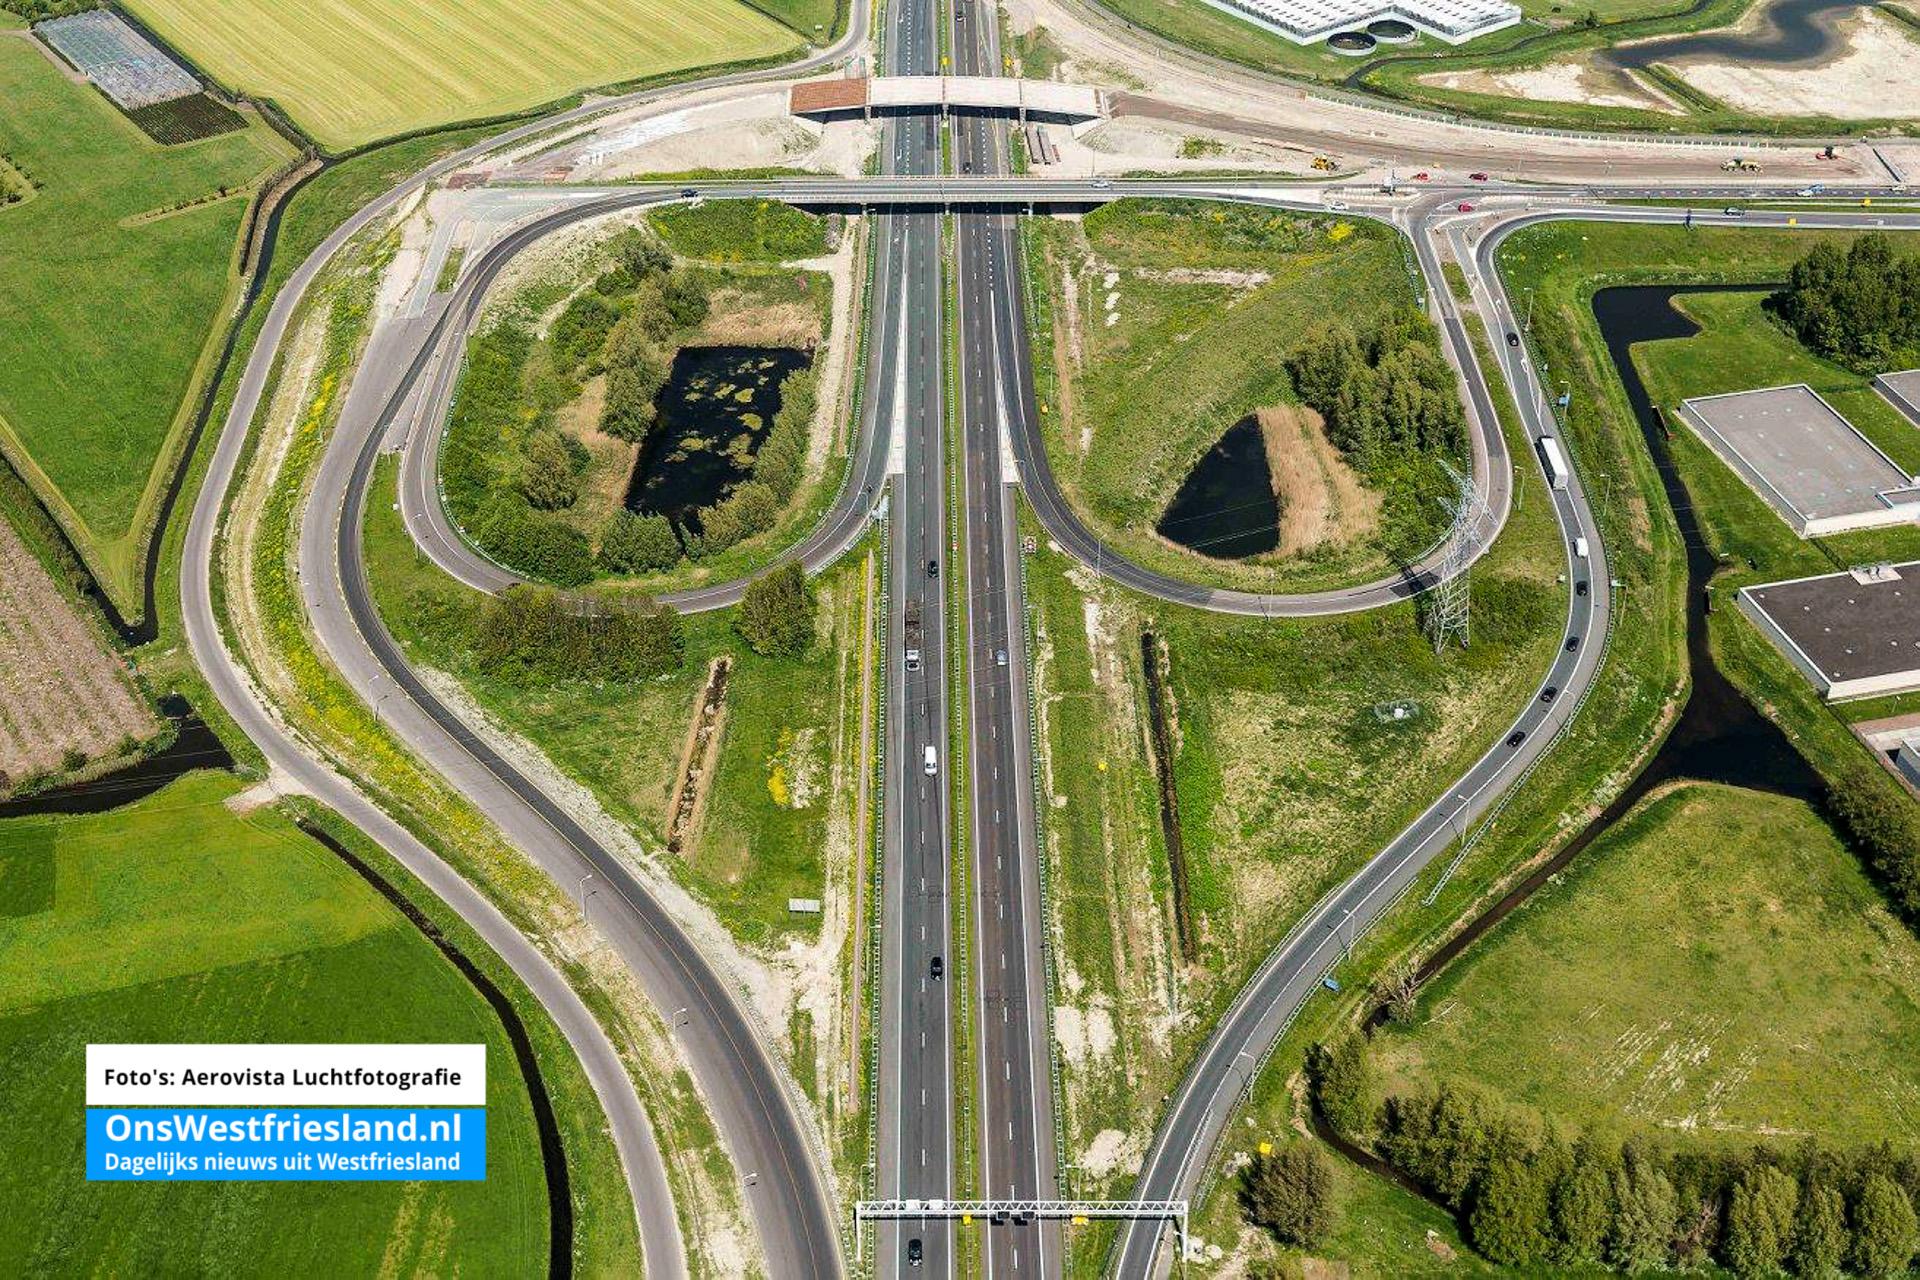 Prachtige luchtfoto's werkzaamheden N23 Westfrisiaweg